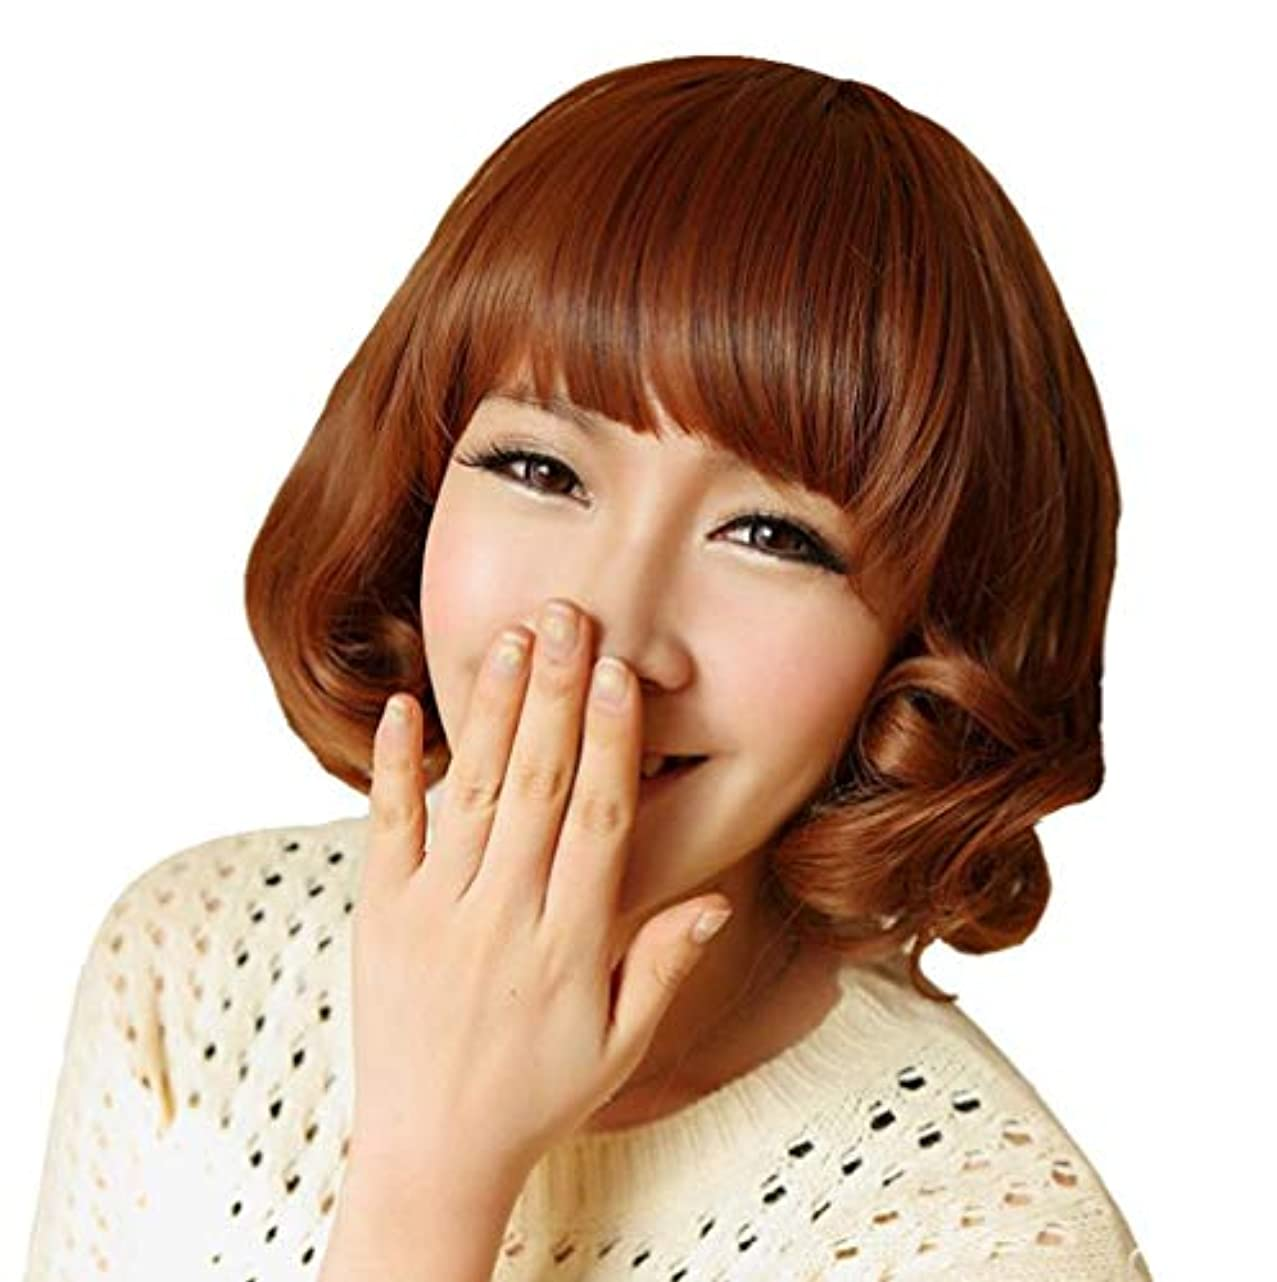 スポンジブリーフケース期待かつら女性ショートヘアボボヘッド空気前髪現実的な髪型 LH2206 (画像の色)